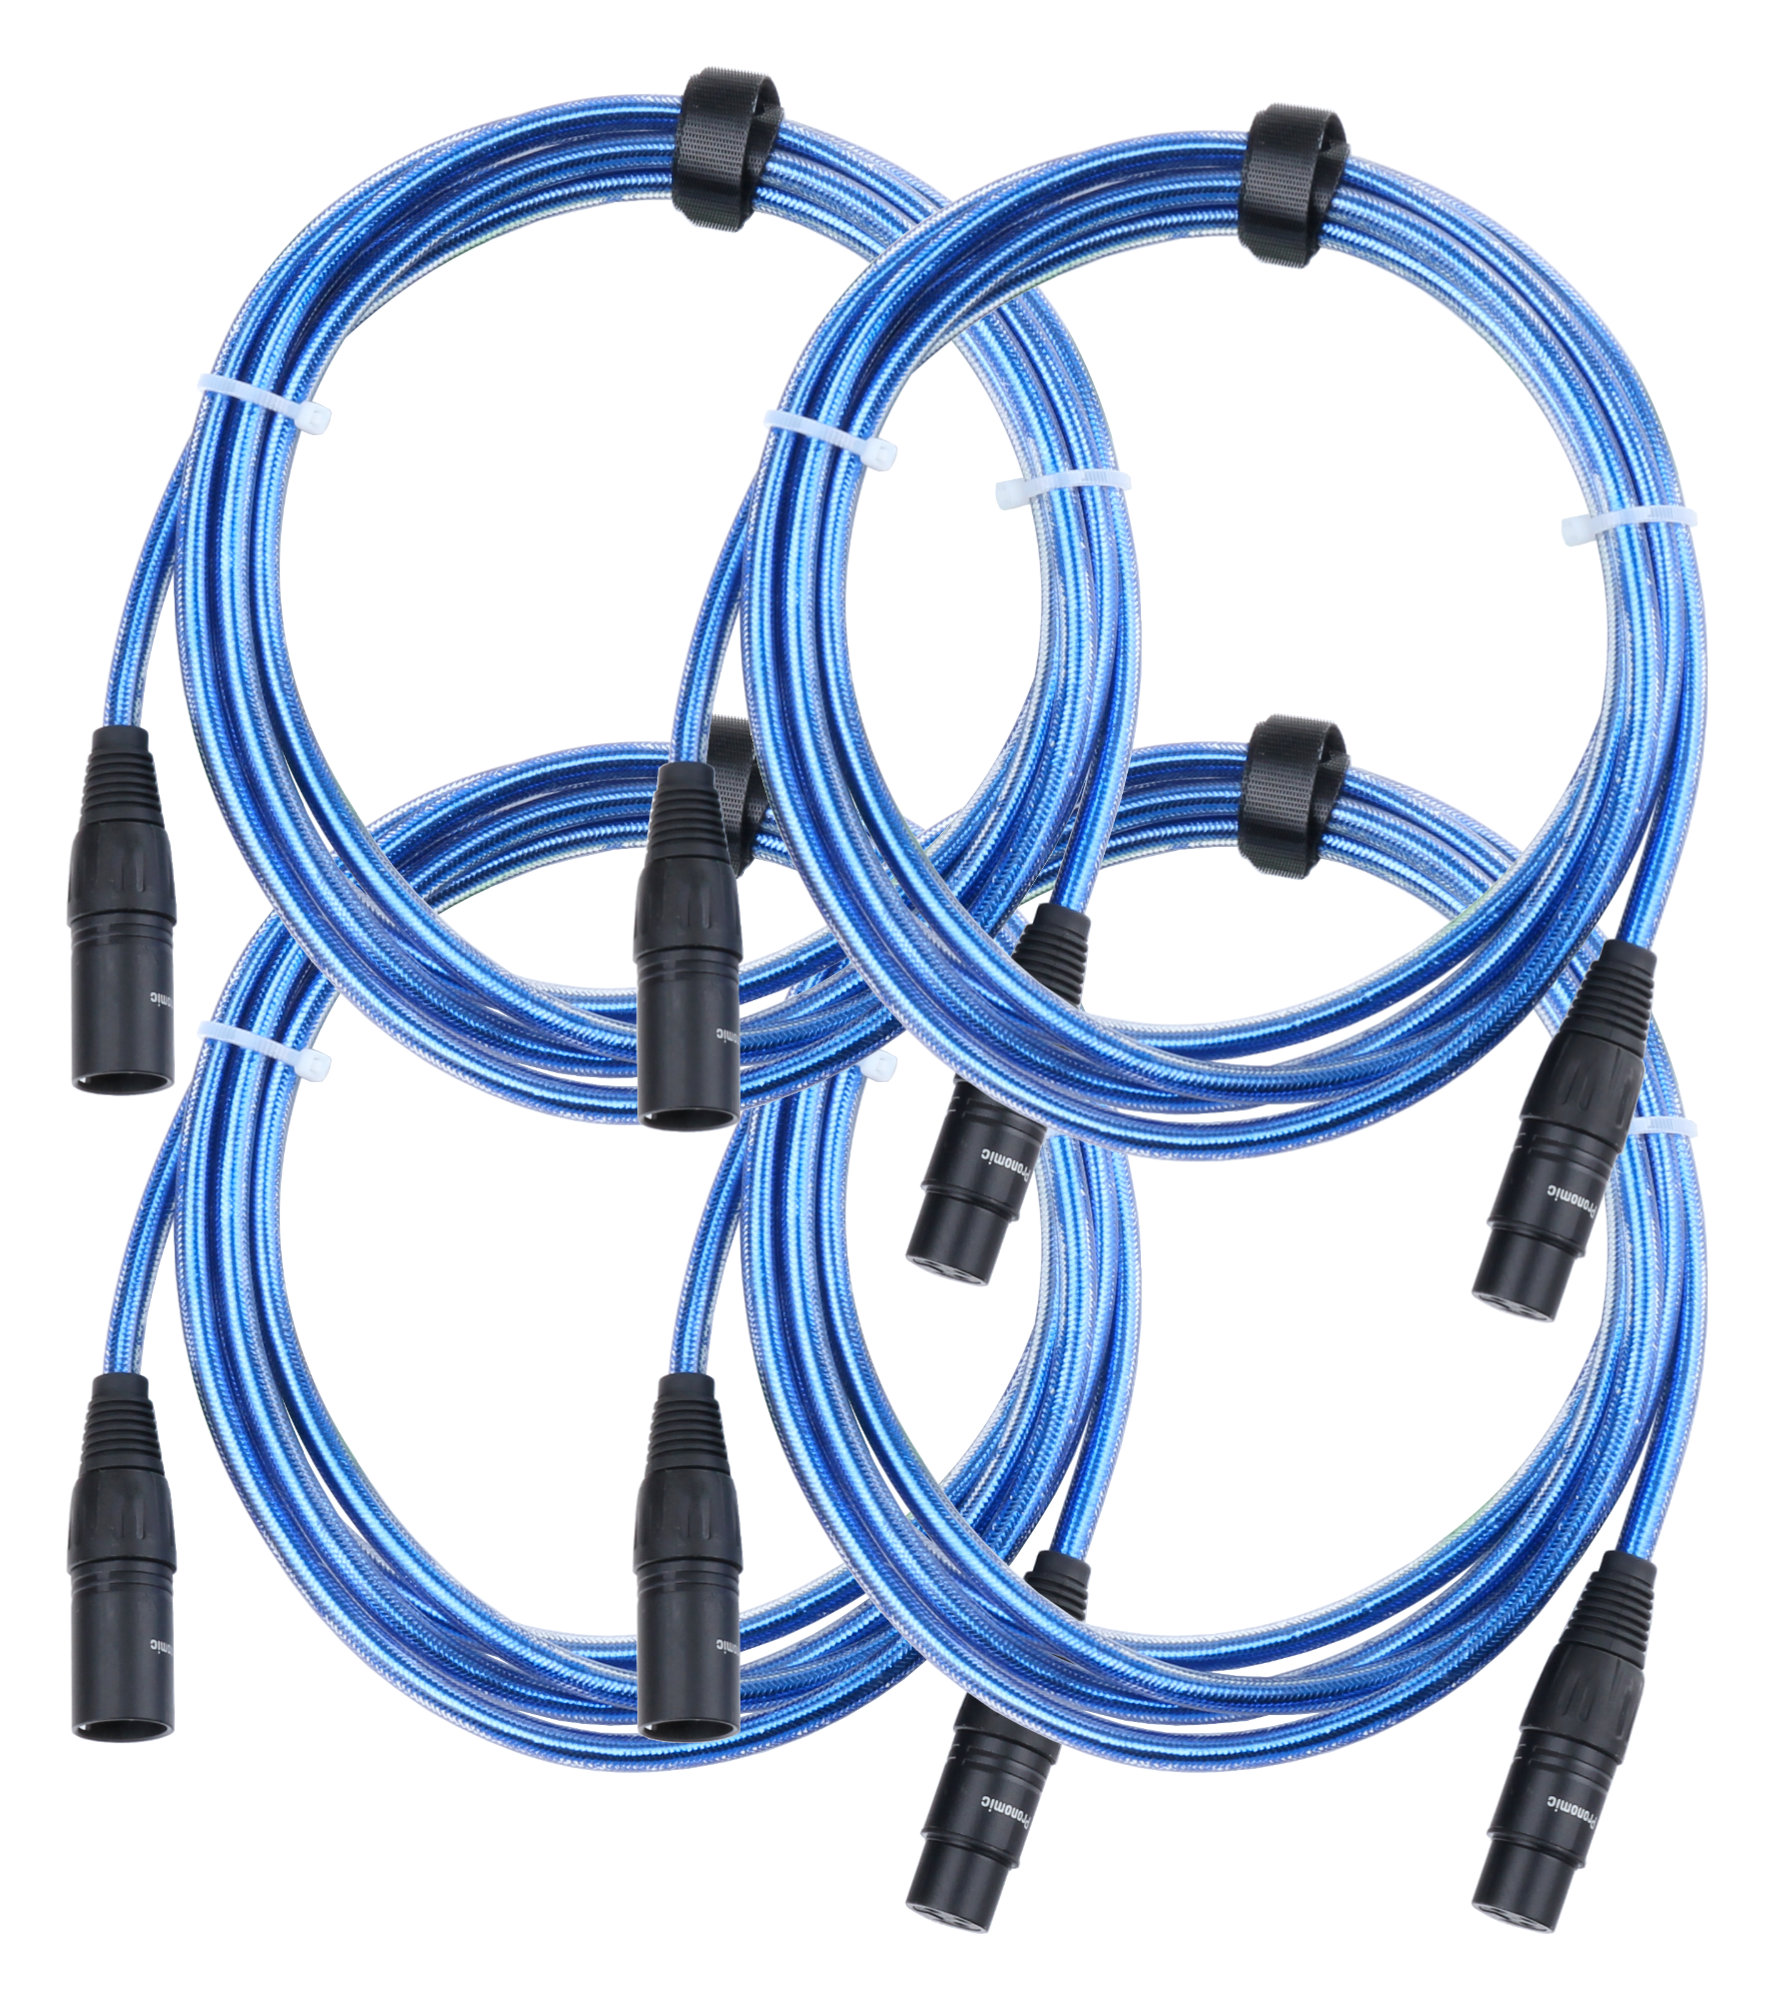 4er Set Pronomic Stage XFXM Blue 2.5 Mikrofonkabel XLR 2,5 m Metallic Blue